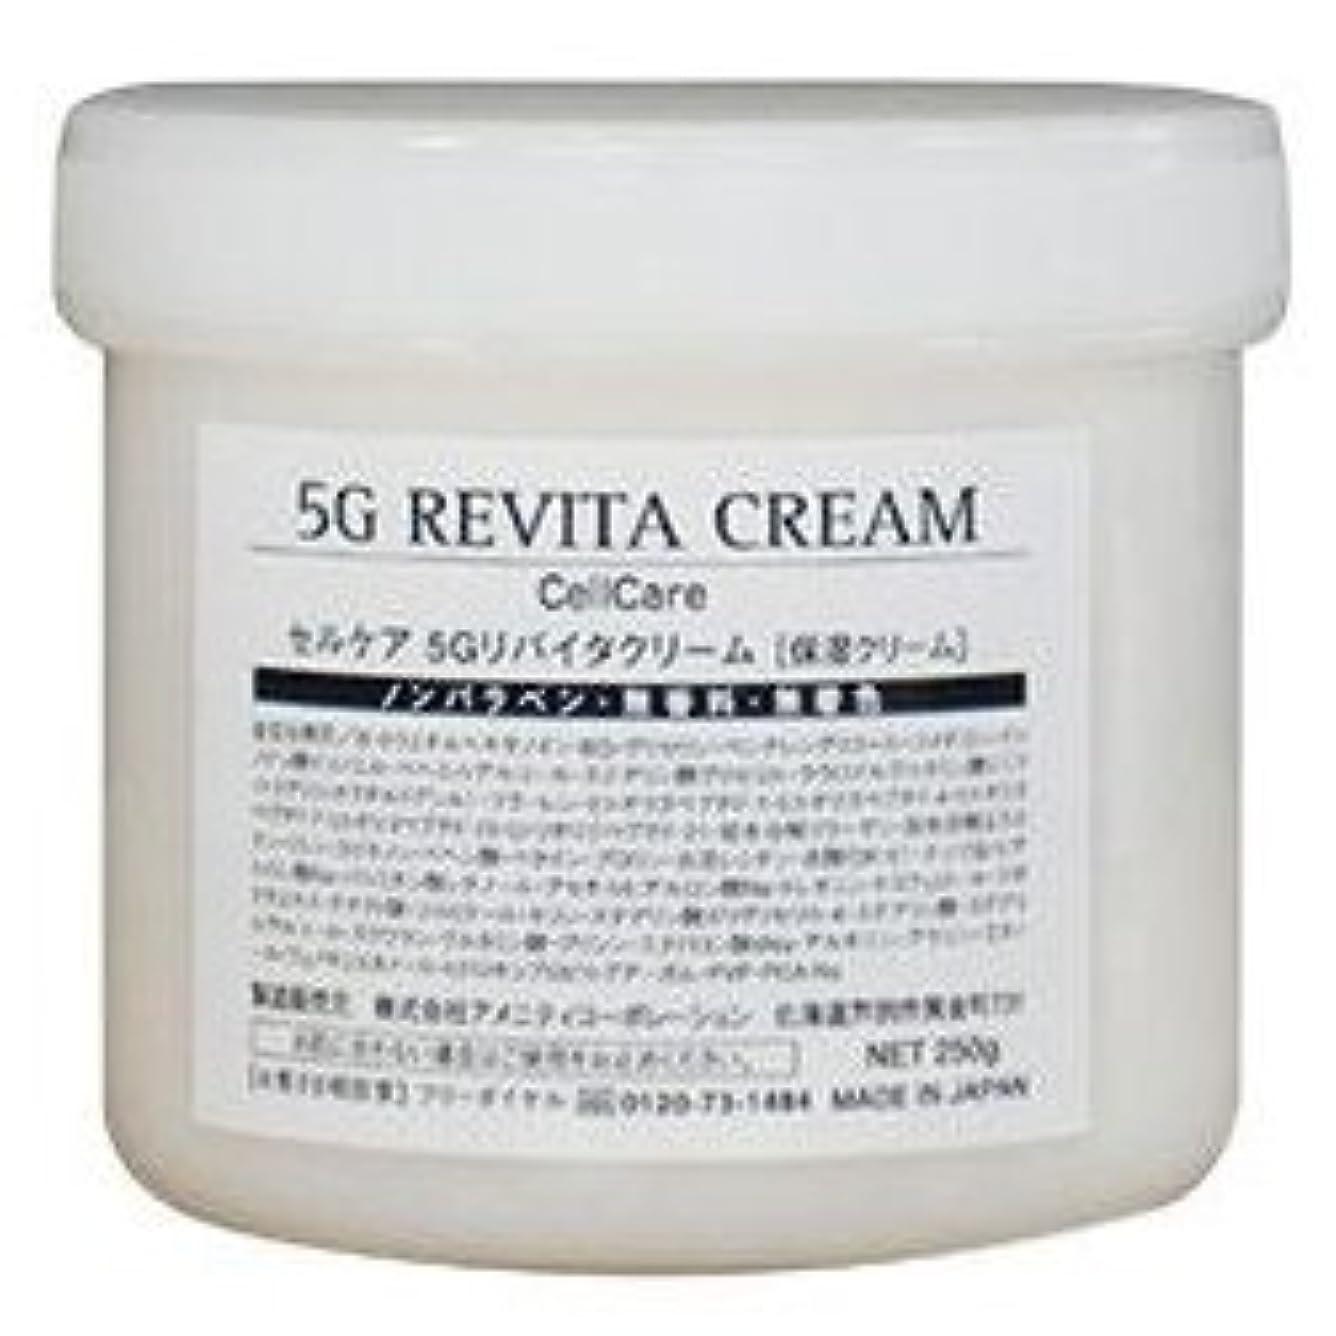 言及するとにかくローラーセルケアGF プレミアム 5Gリバイタルクリーム 保湿クリーム お徳用250g